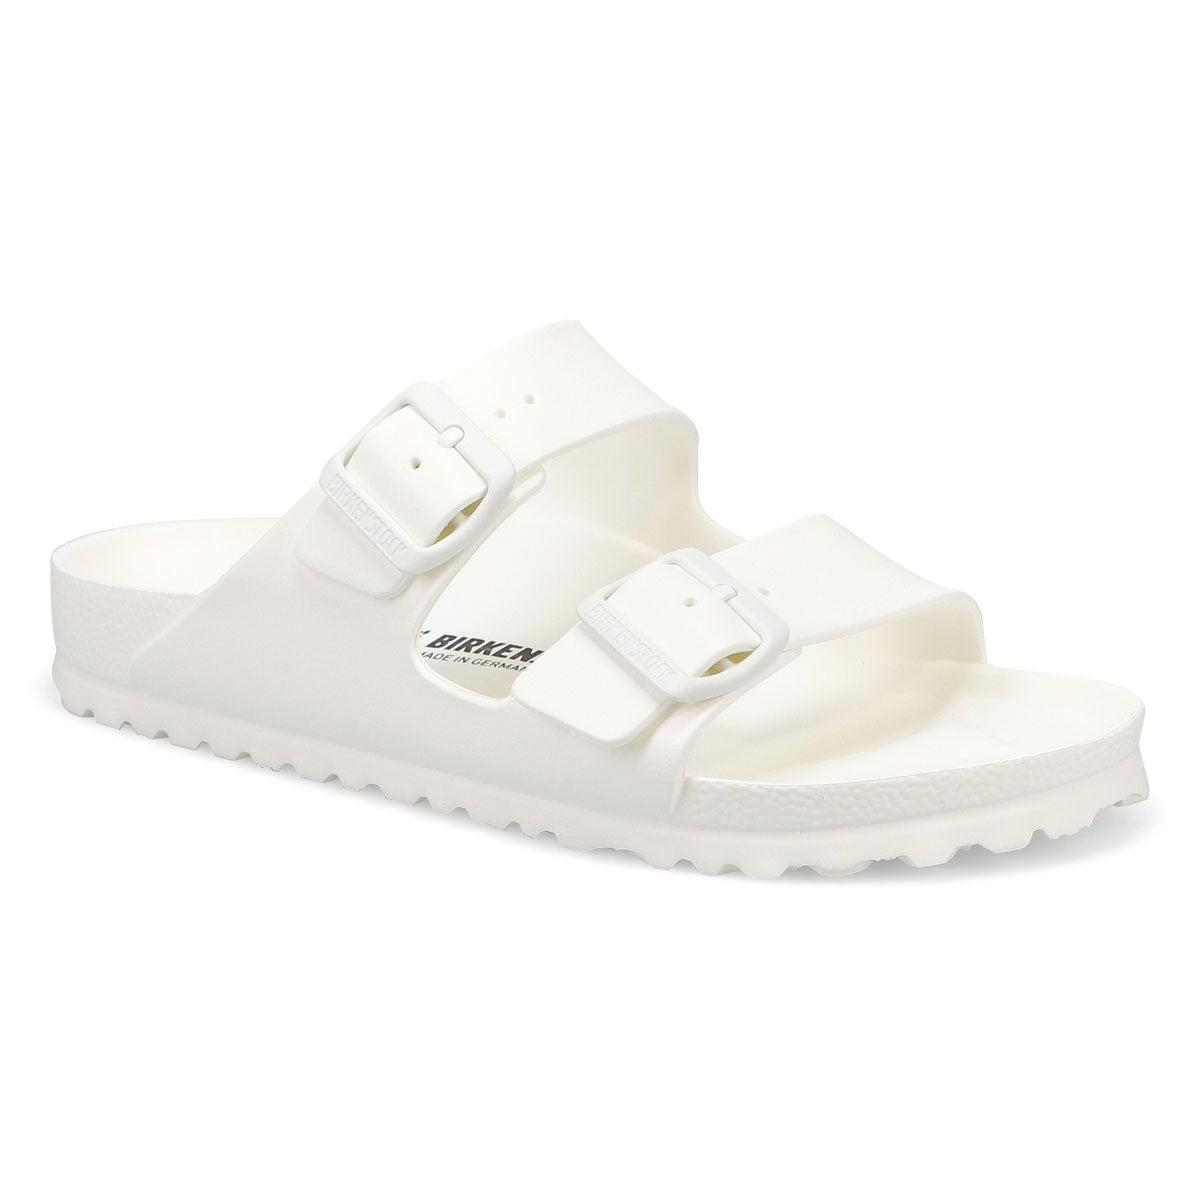 Women's Arizona EVA Narrow Sandal - White